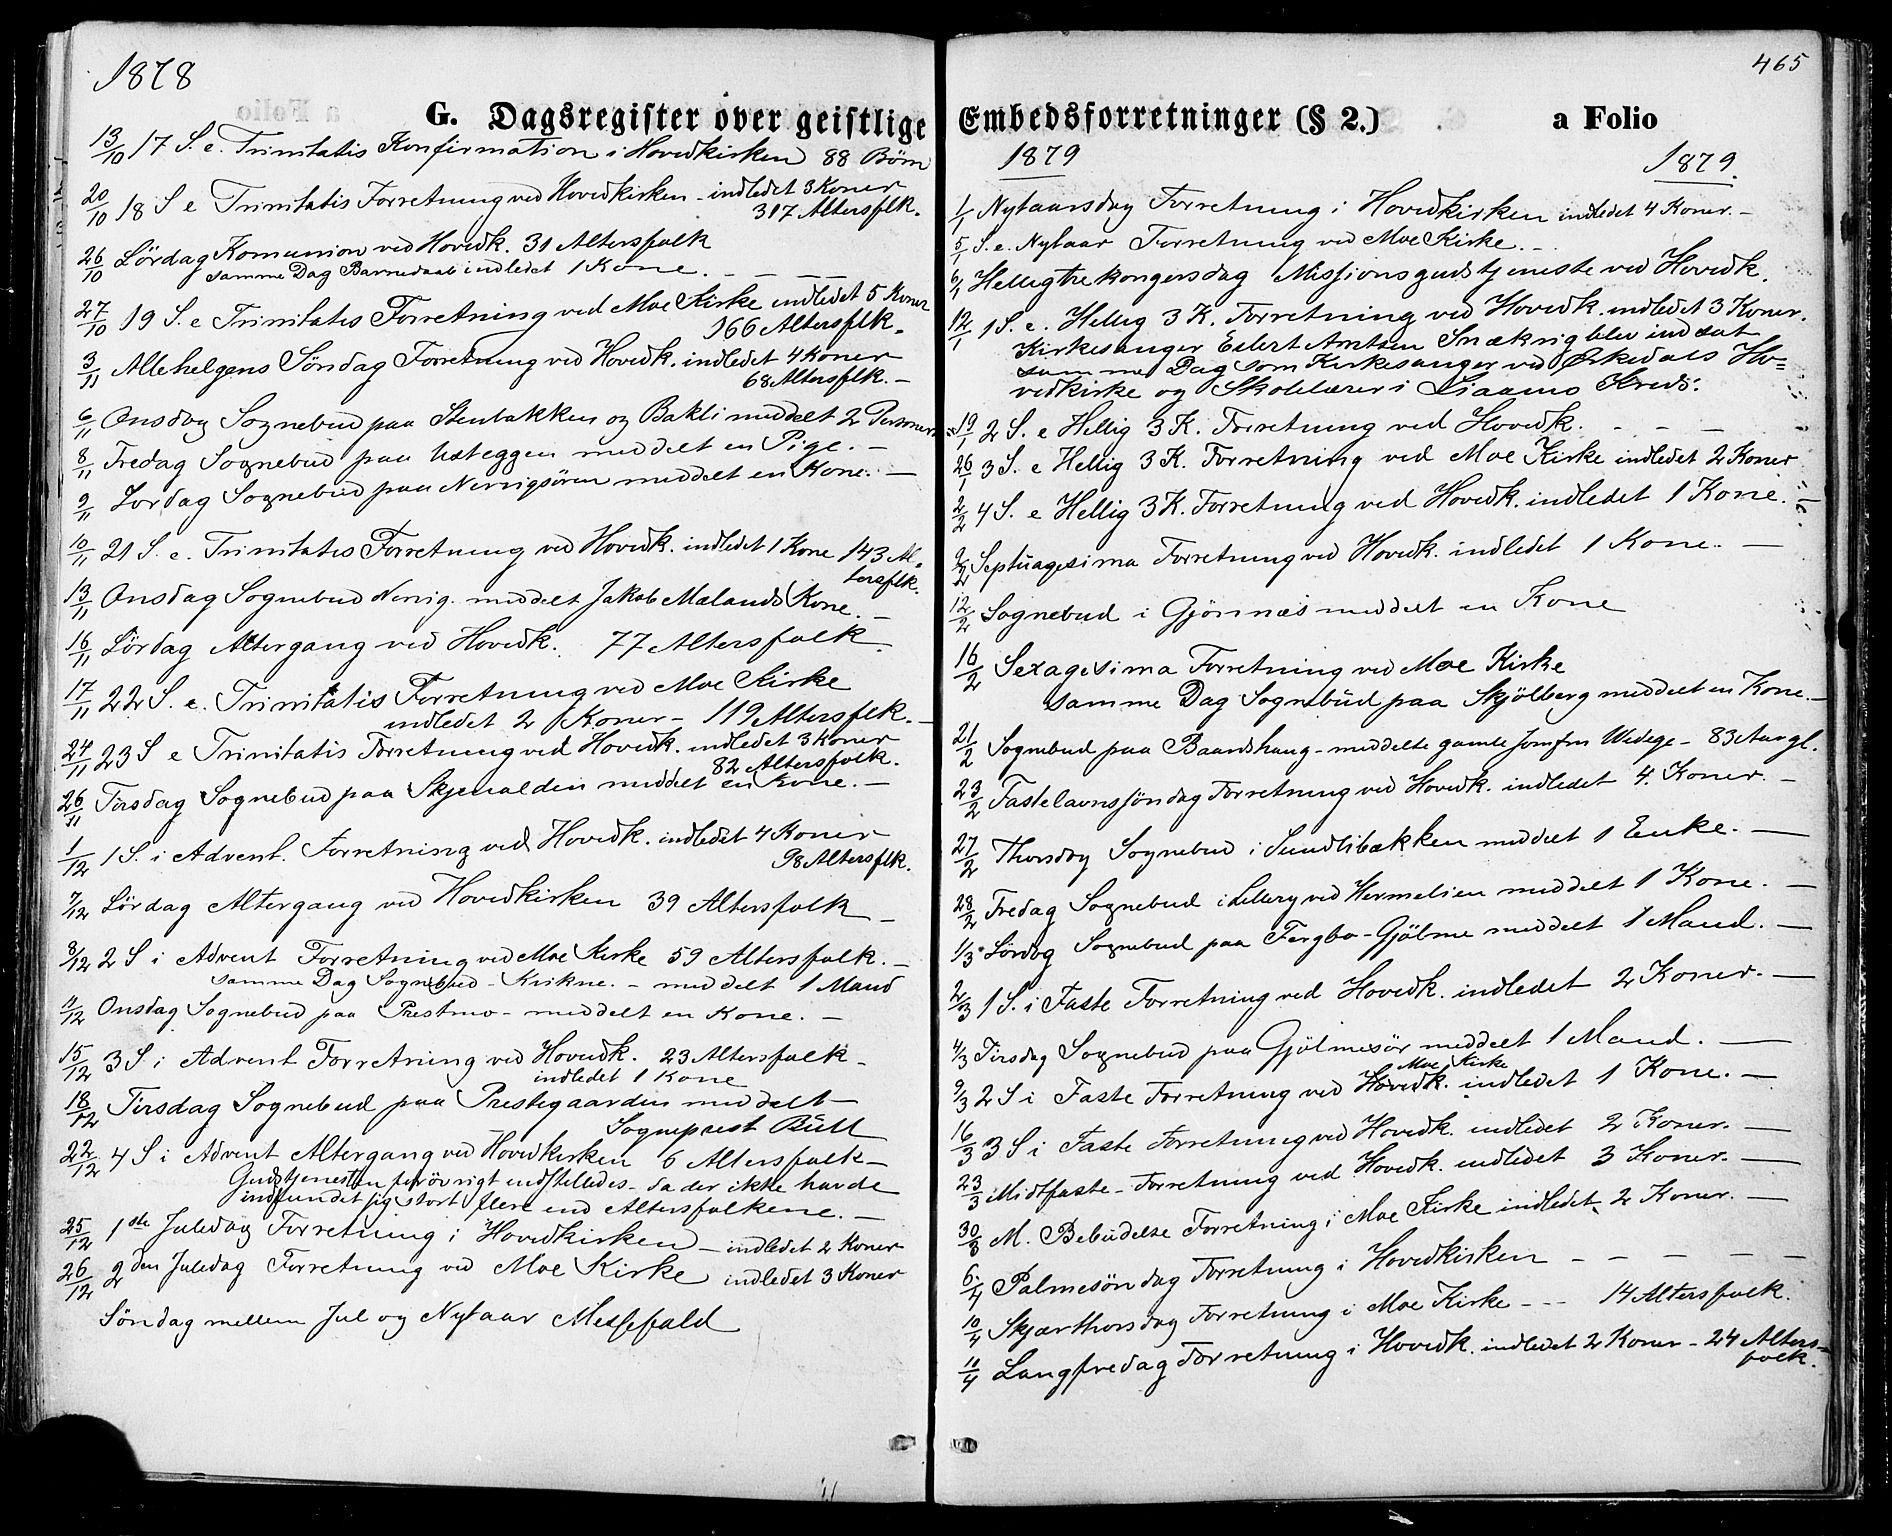 SAT, Ministerialprotokoller, klokkerbøker og fødselsregistre - Sør-Trøndelag, 668/L0807: Ministerialbok nr. 668A07, 1870-1880, s. 465